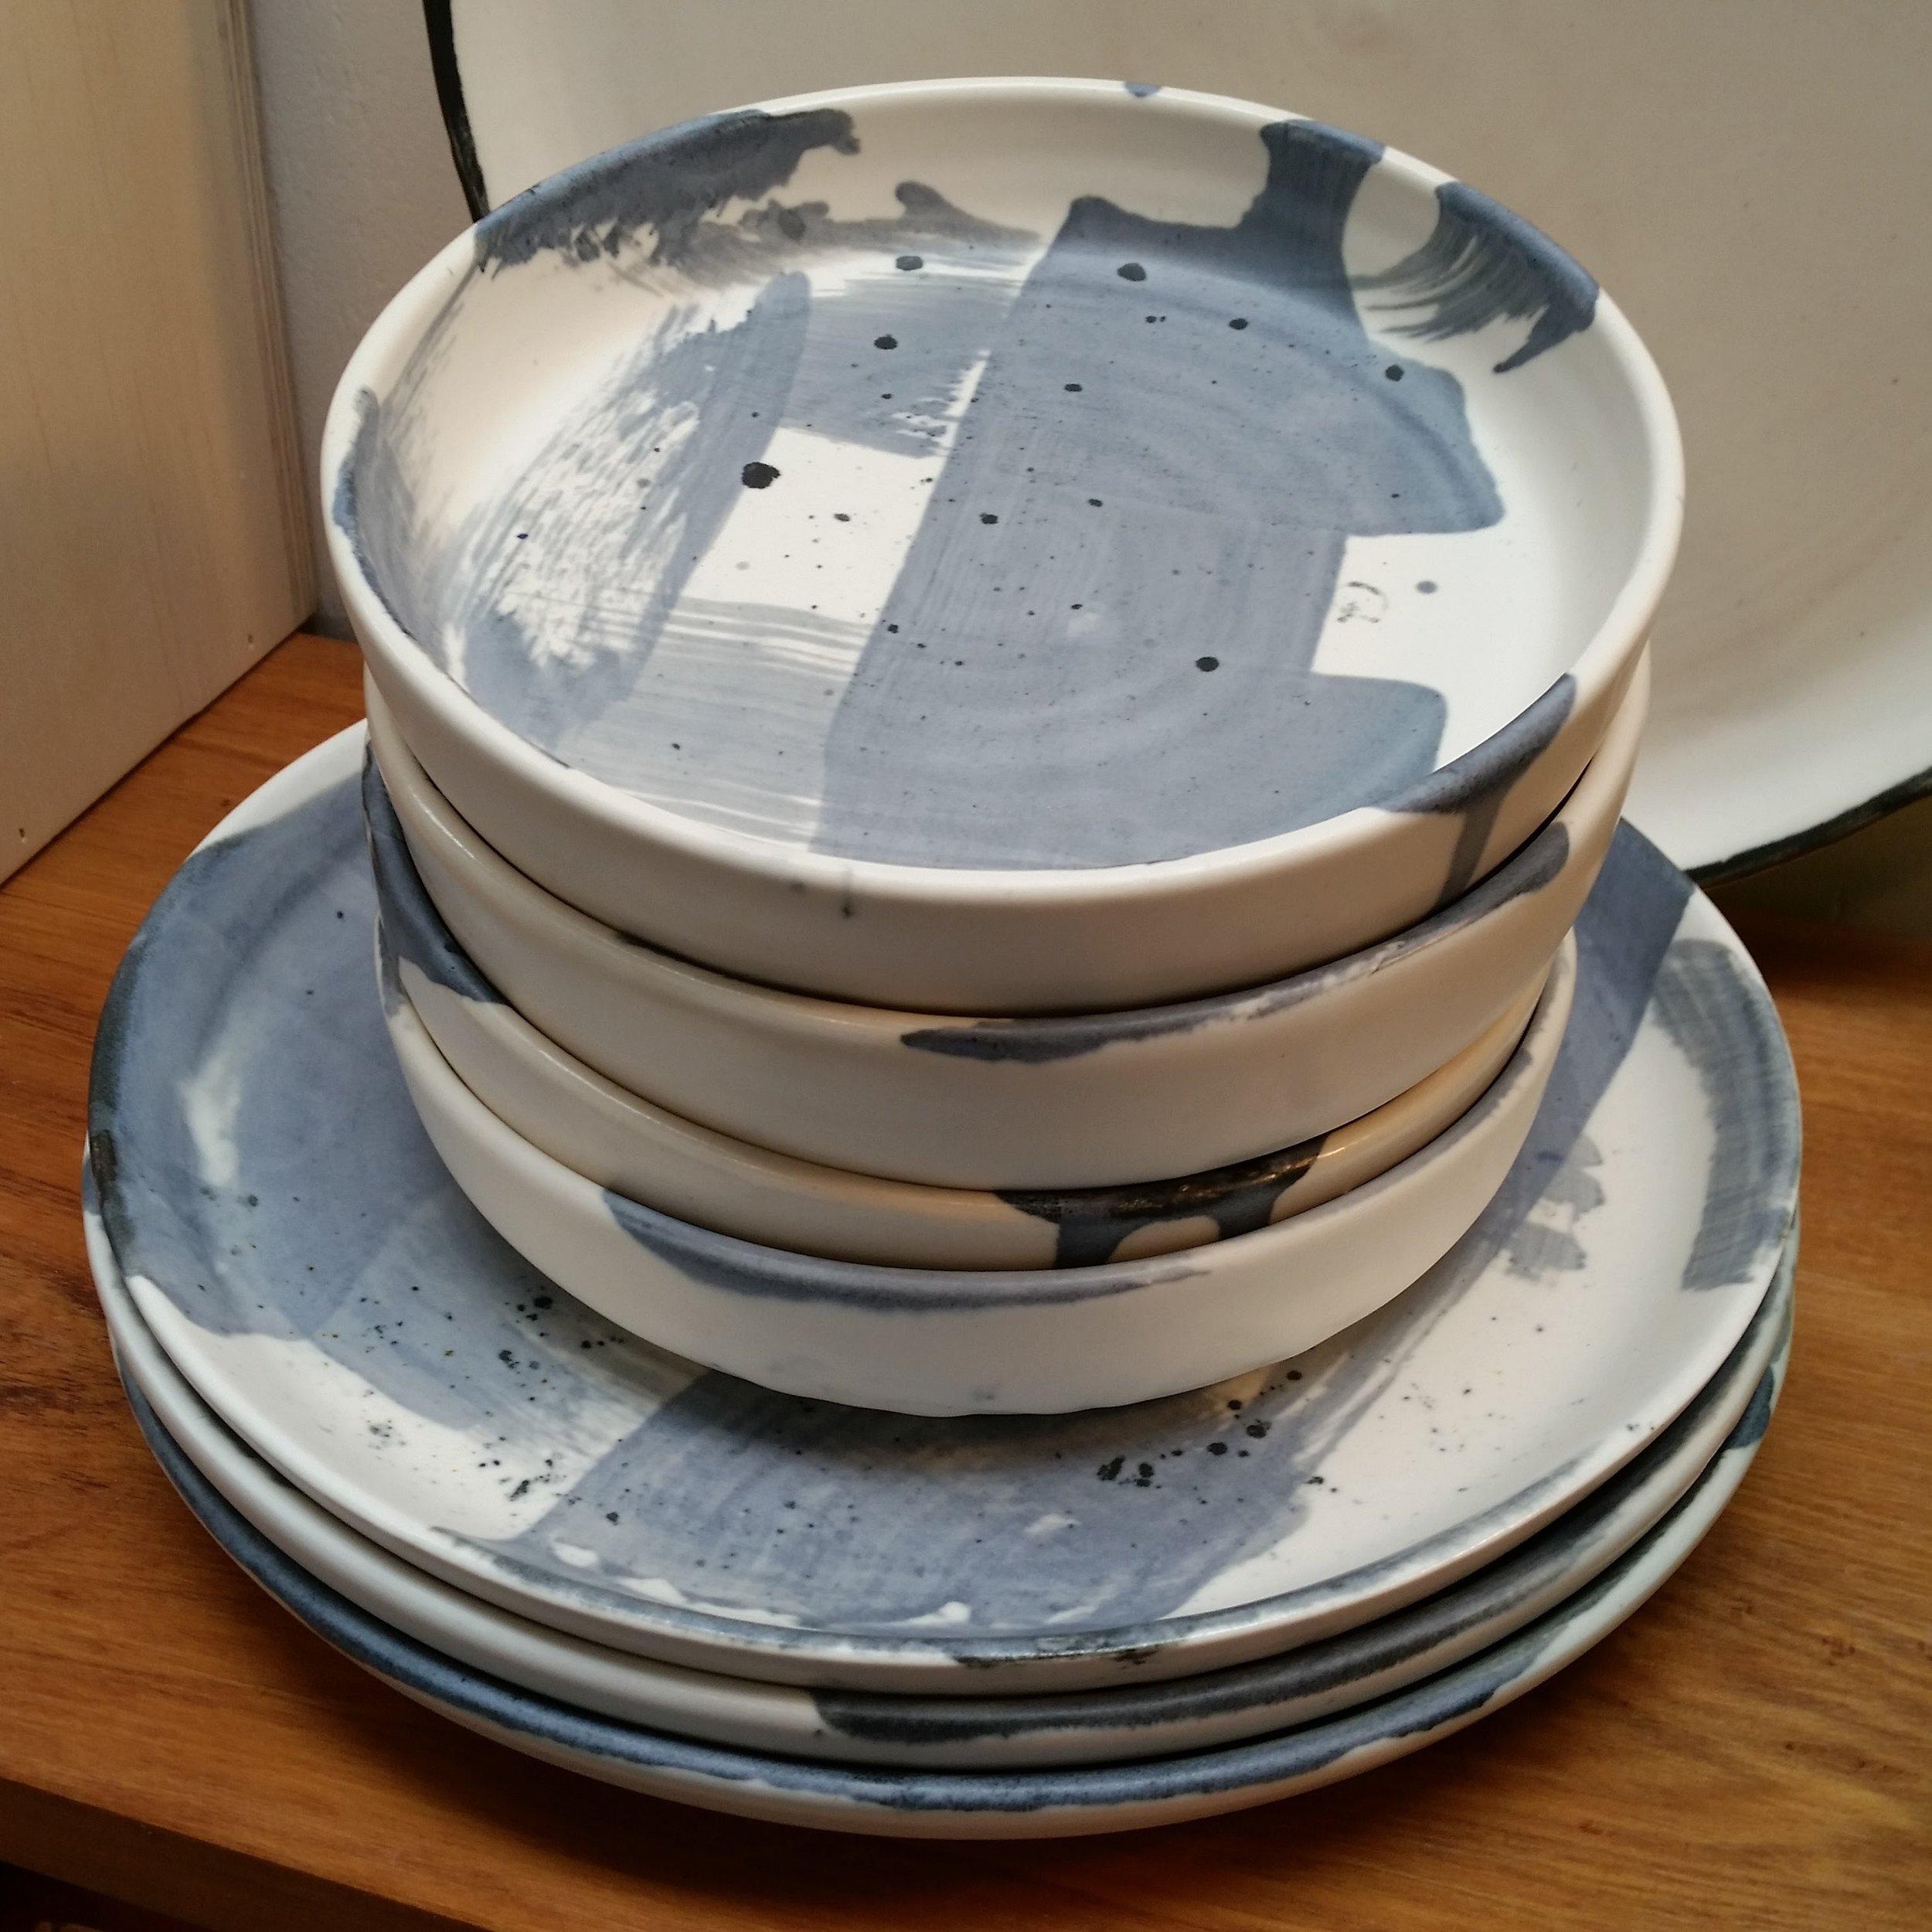 George Sands Studio - Sunakku plates